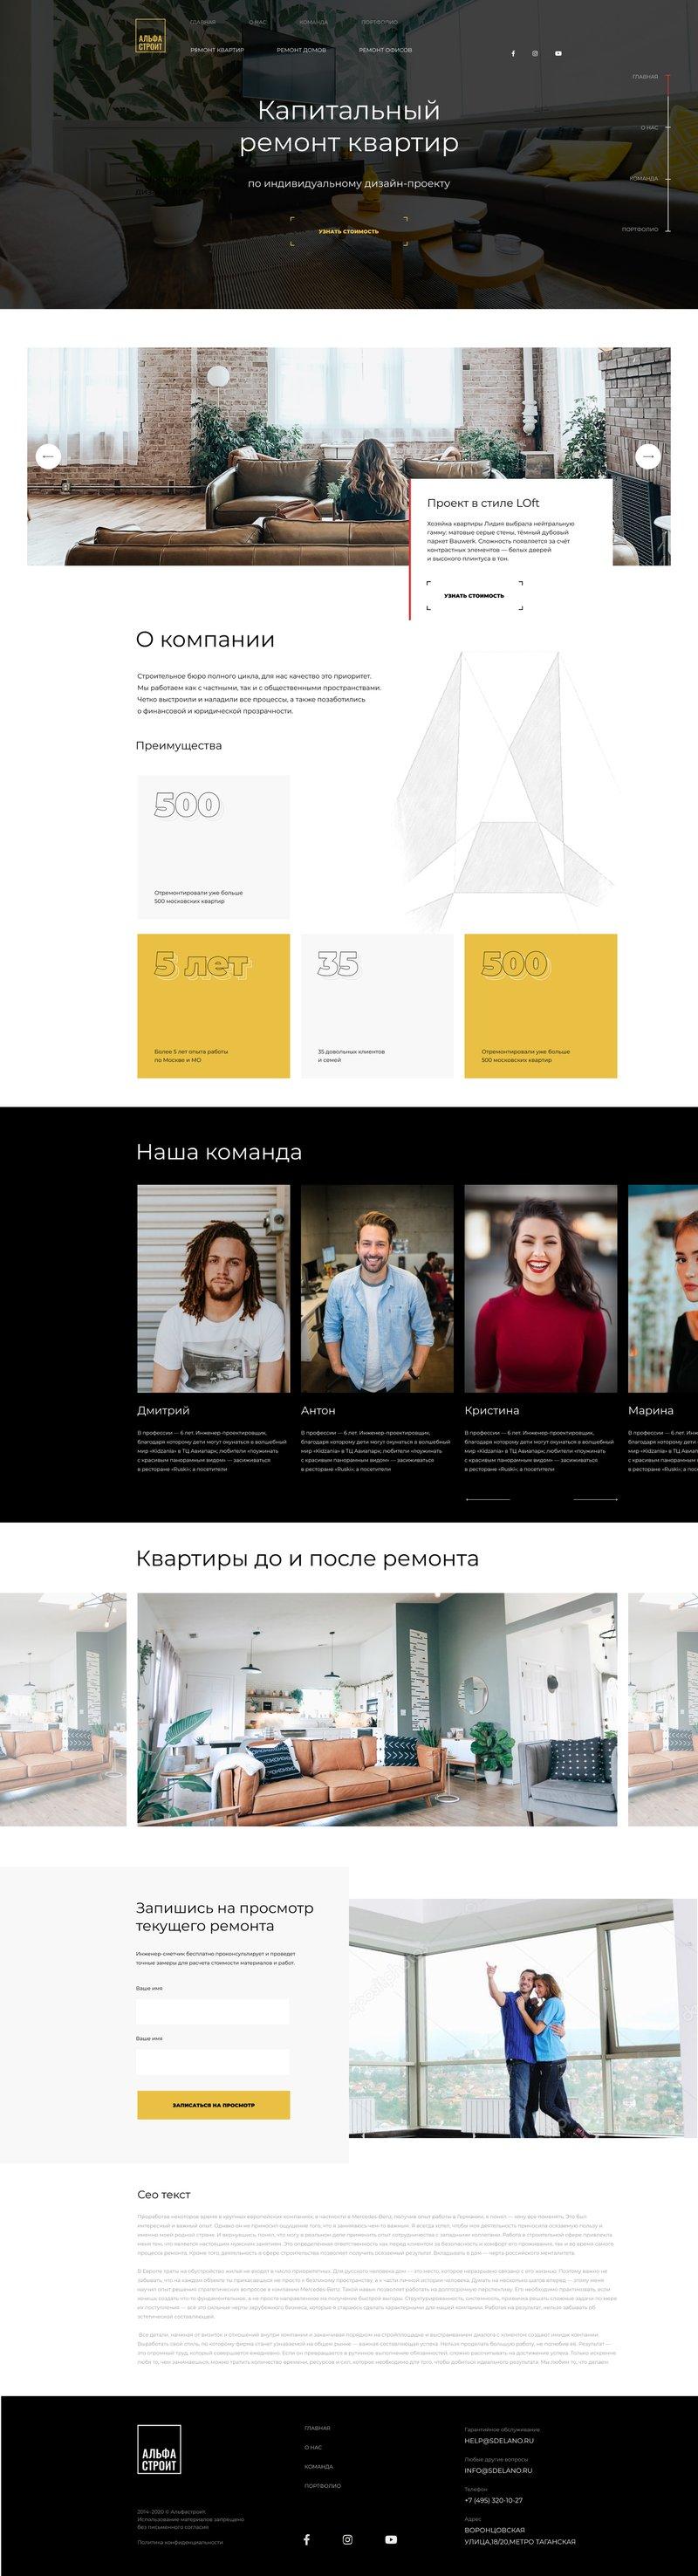 Дизайн сайта Альфа – работа в портфолио фрилансера